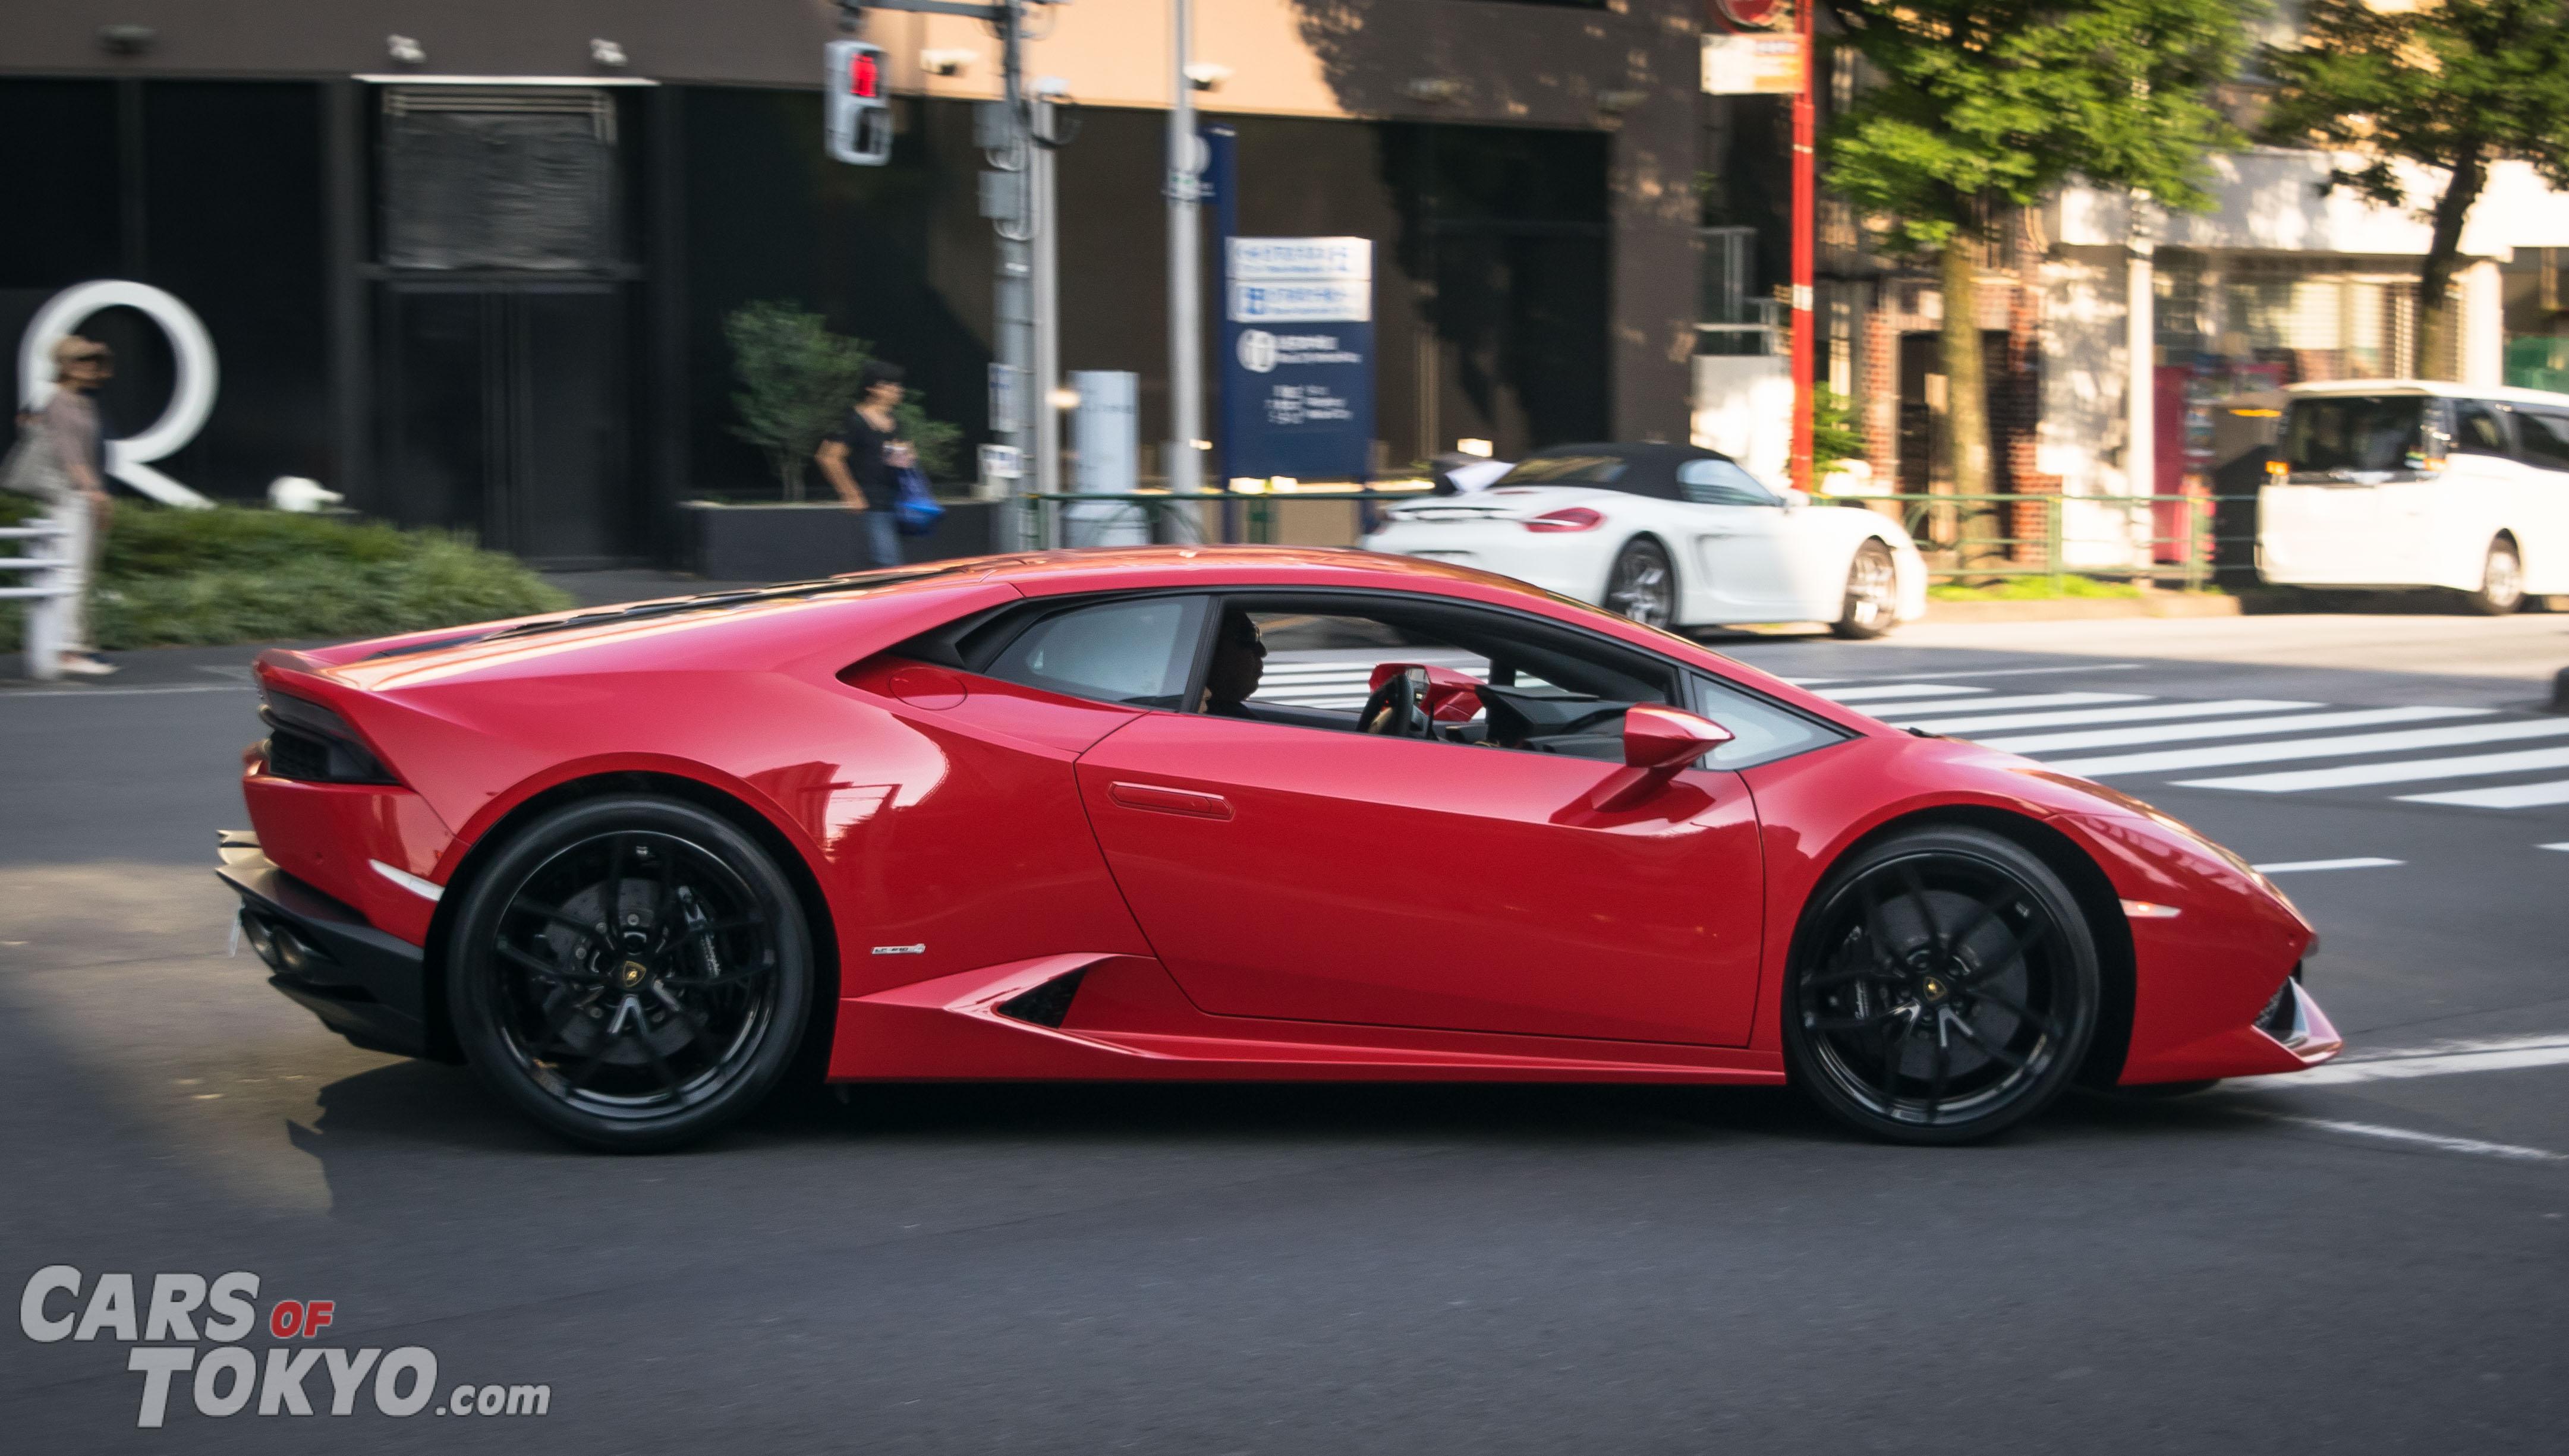 Cars of Tokyo Clean Lamborghini Huracan